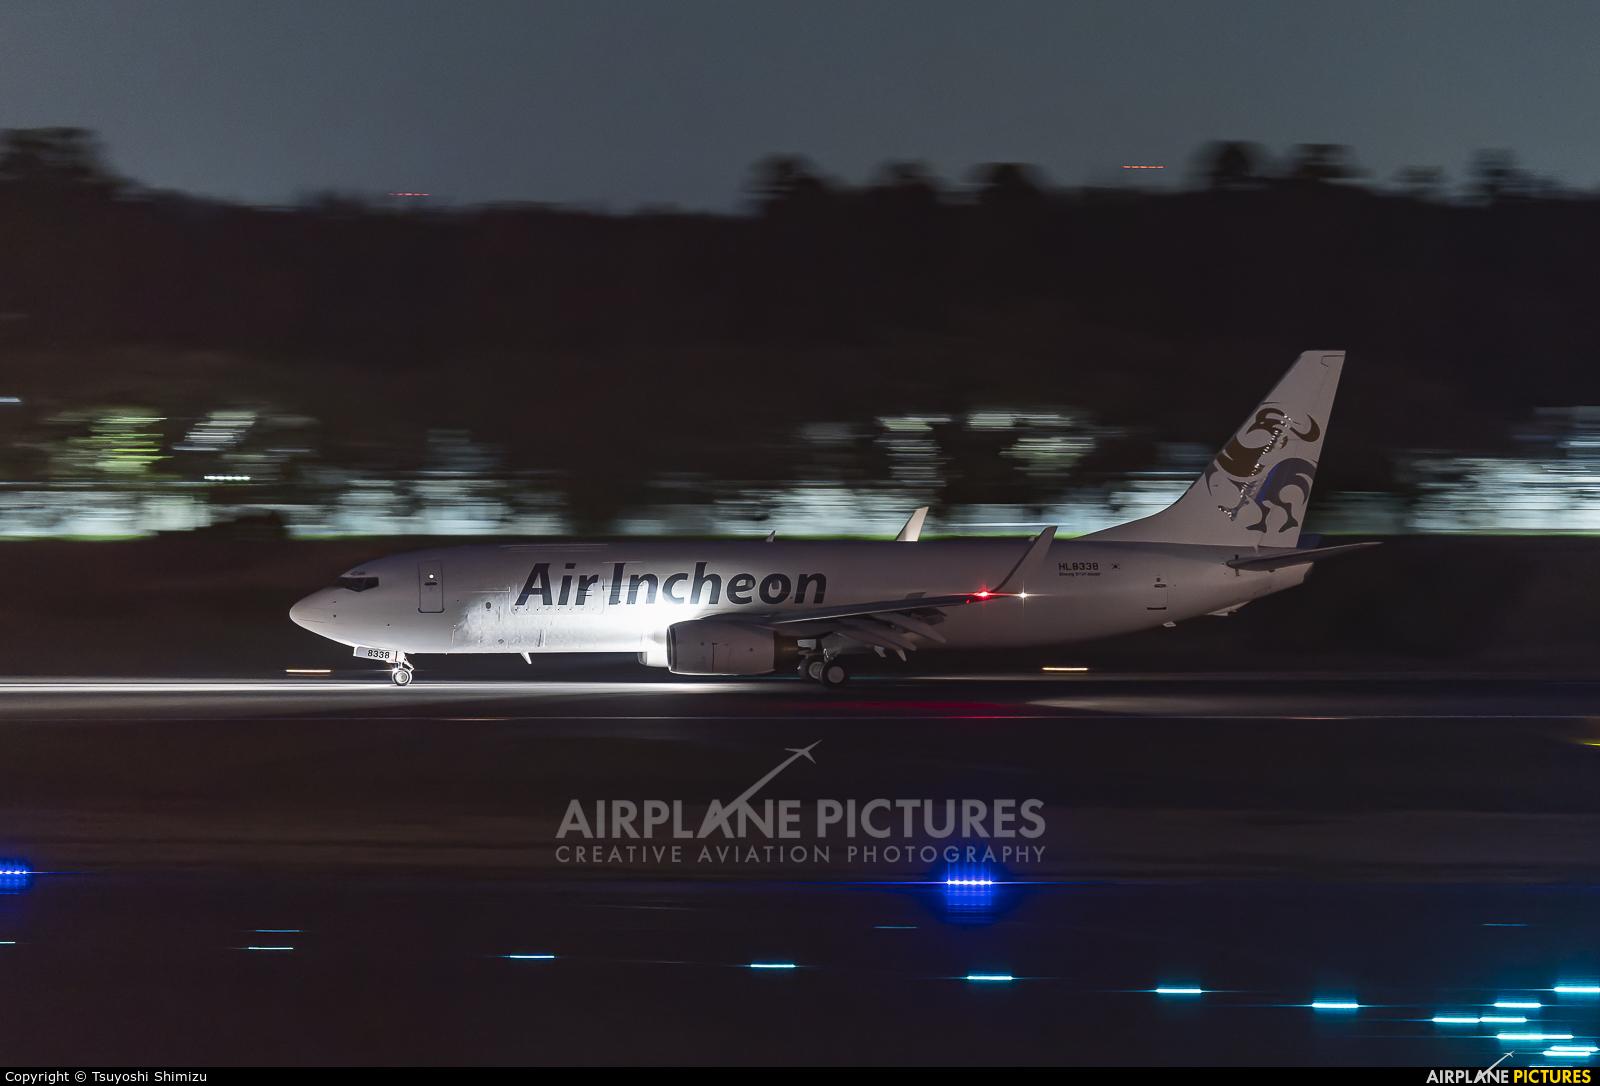 Air Incheon HL8338 aircraft at Tokyo - Narita Intl